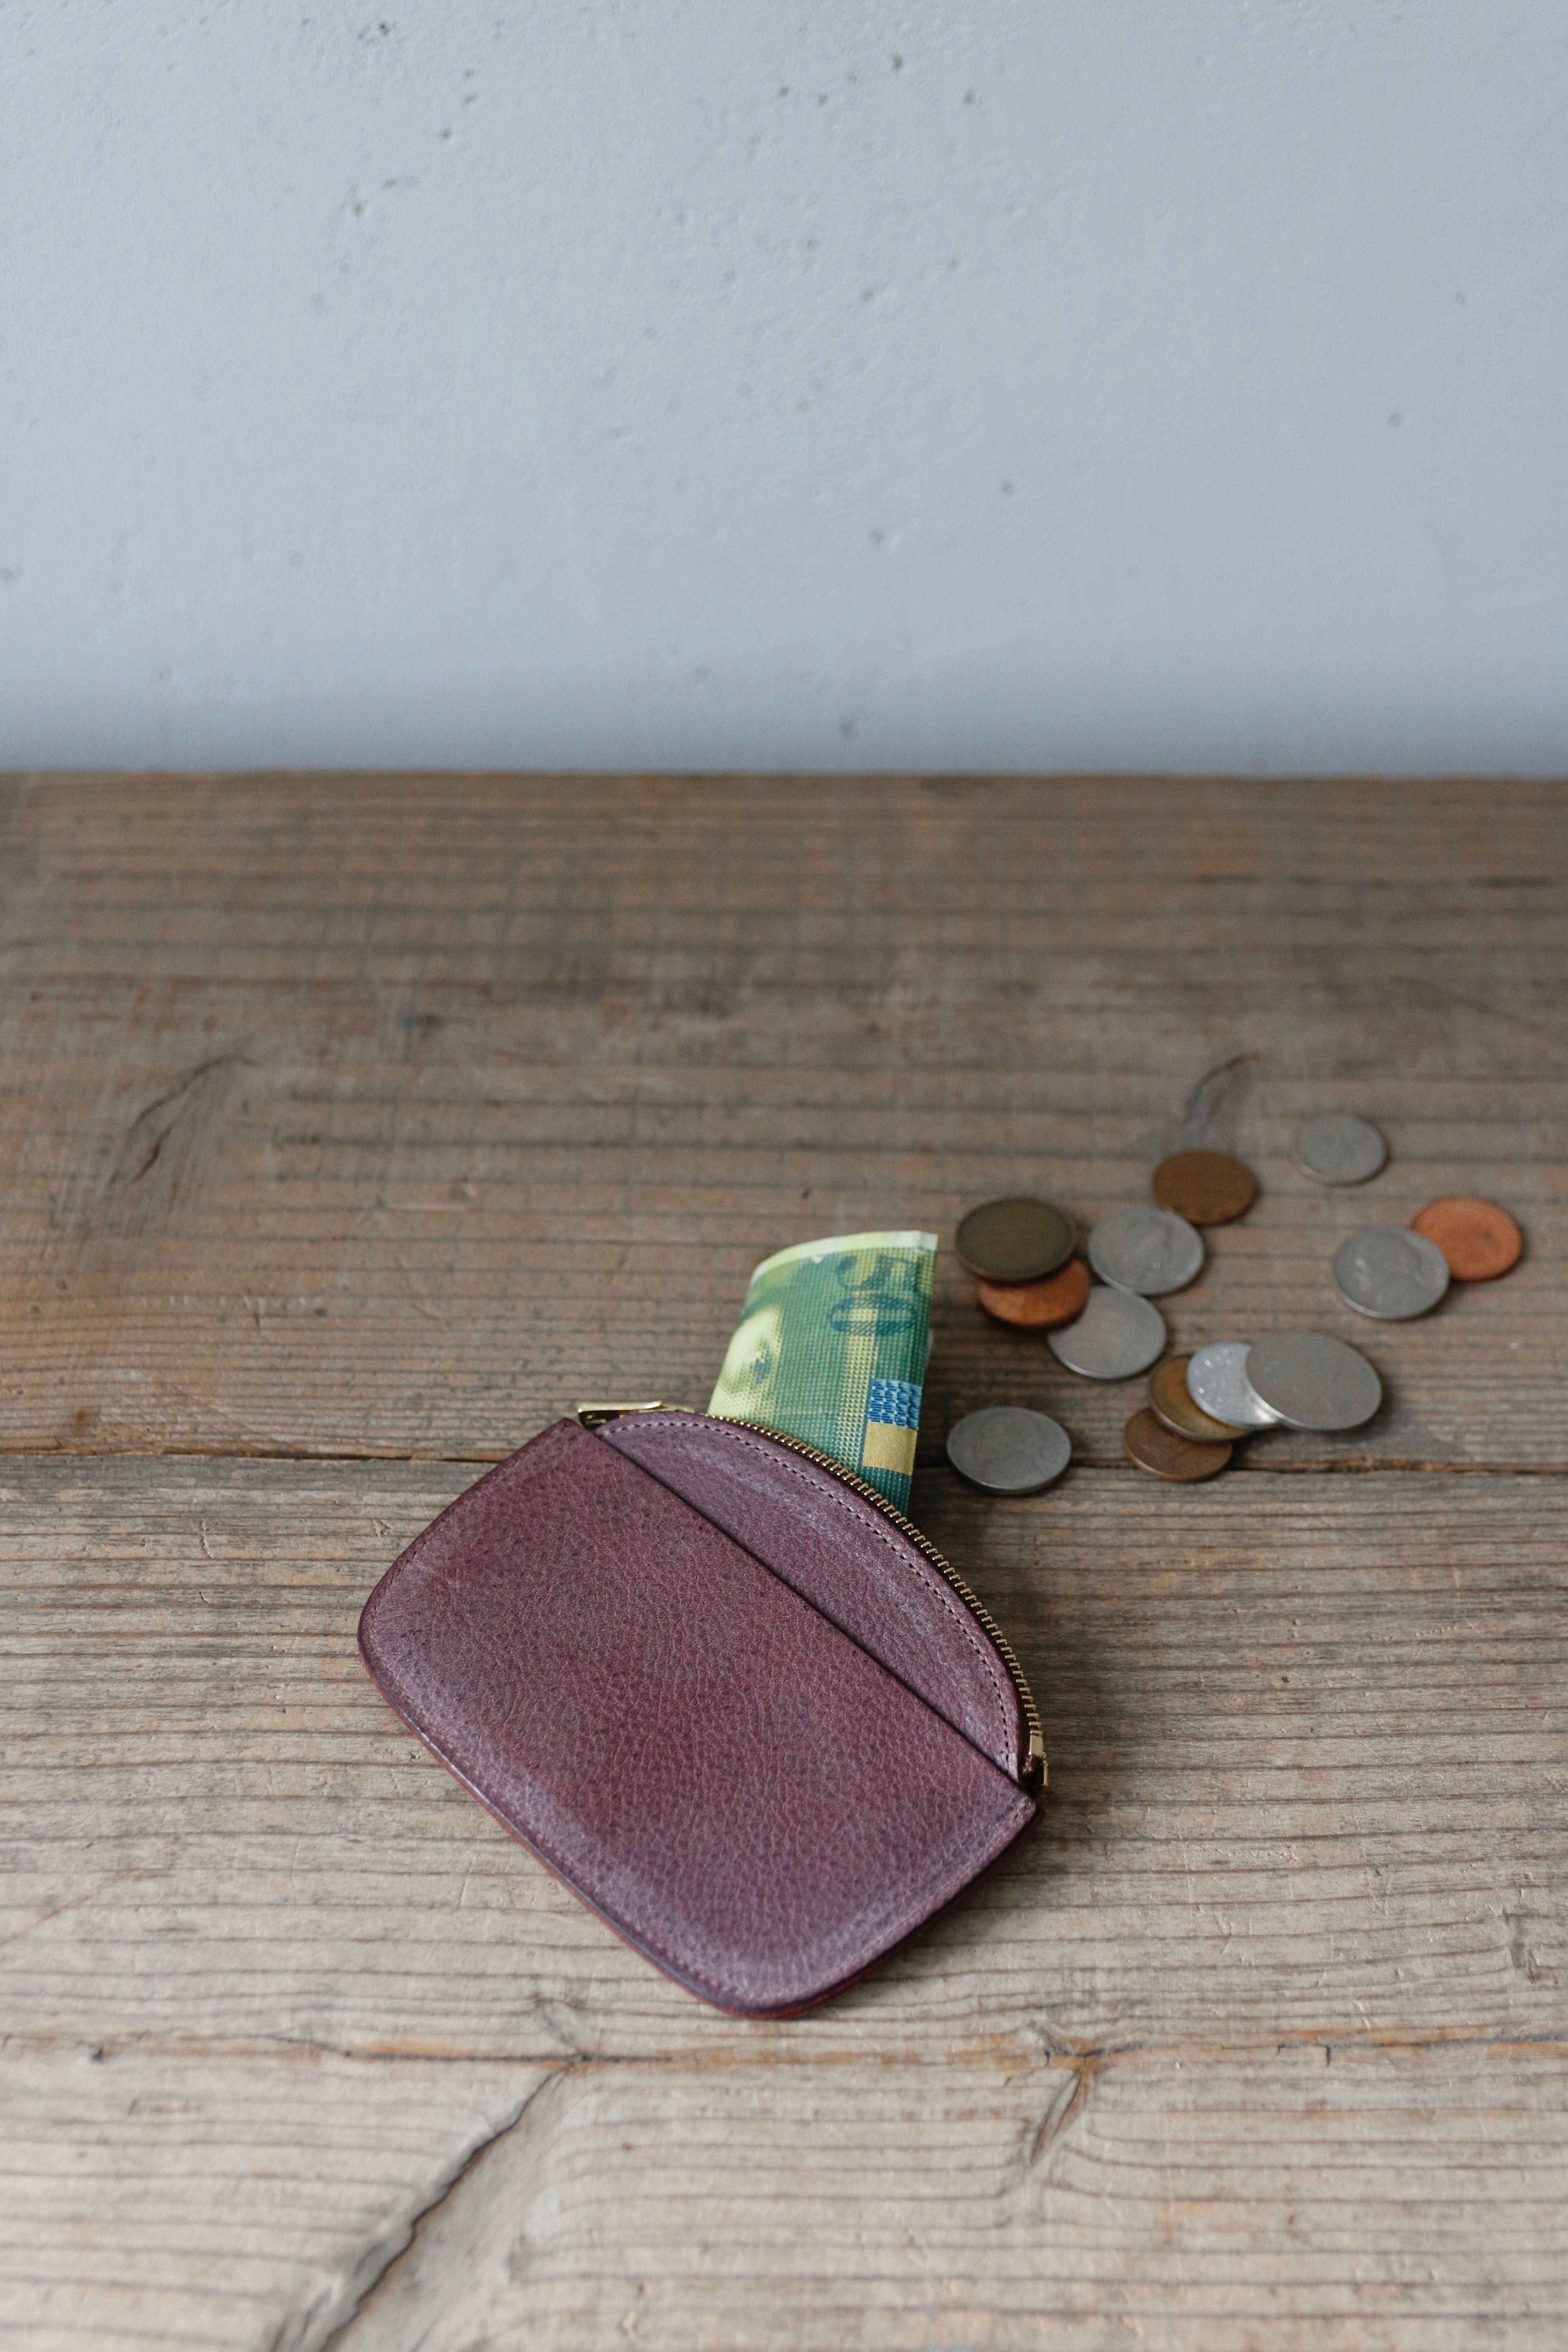 formeフォルメ / Vachetta  leather Coin Purse財布 /  fo-17064